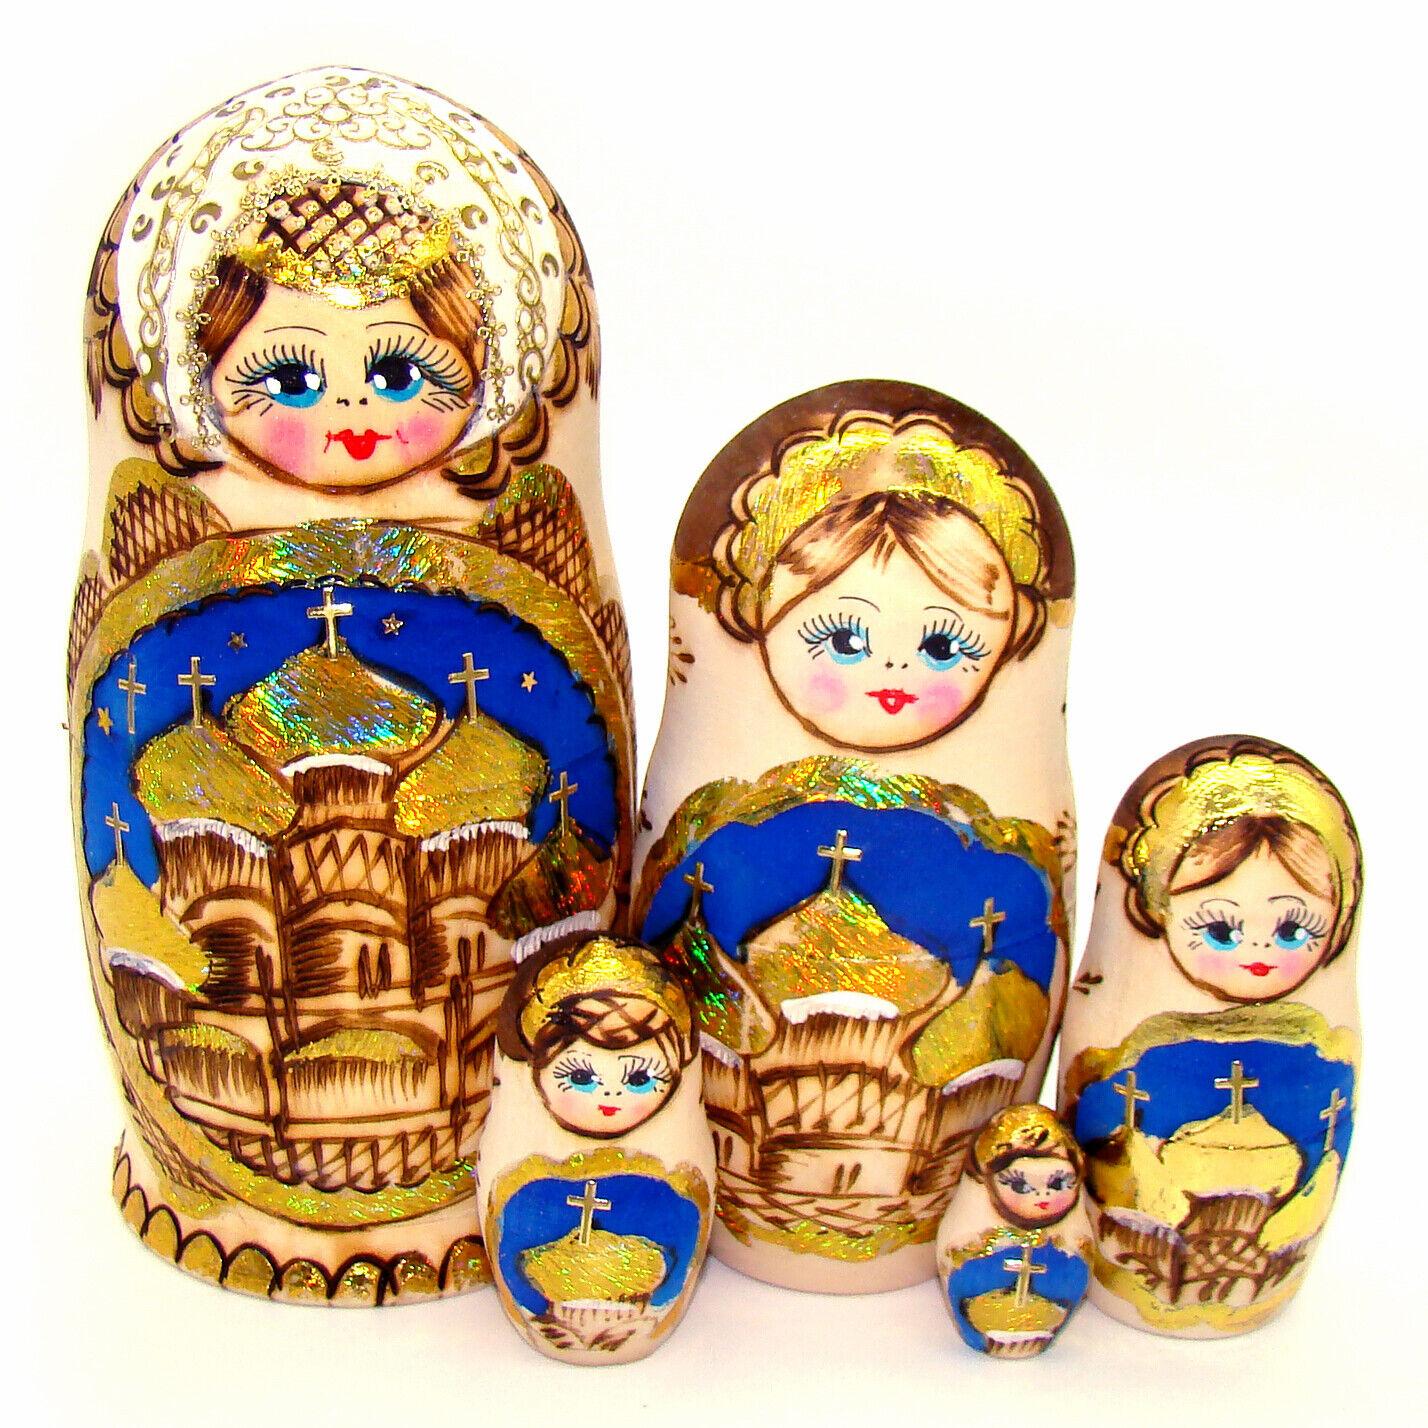 Matriochka  russe Eglise - Poupee Russe pyrogravée Eglise russe - Cadeau original  negozio online